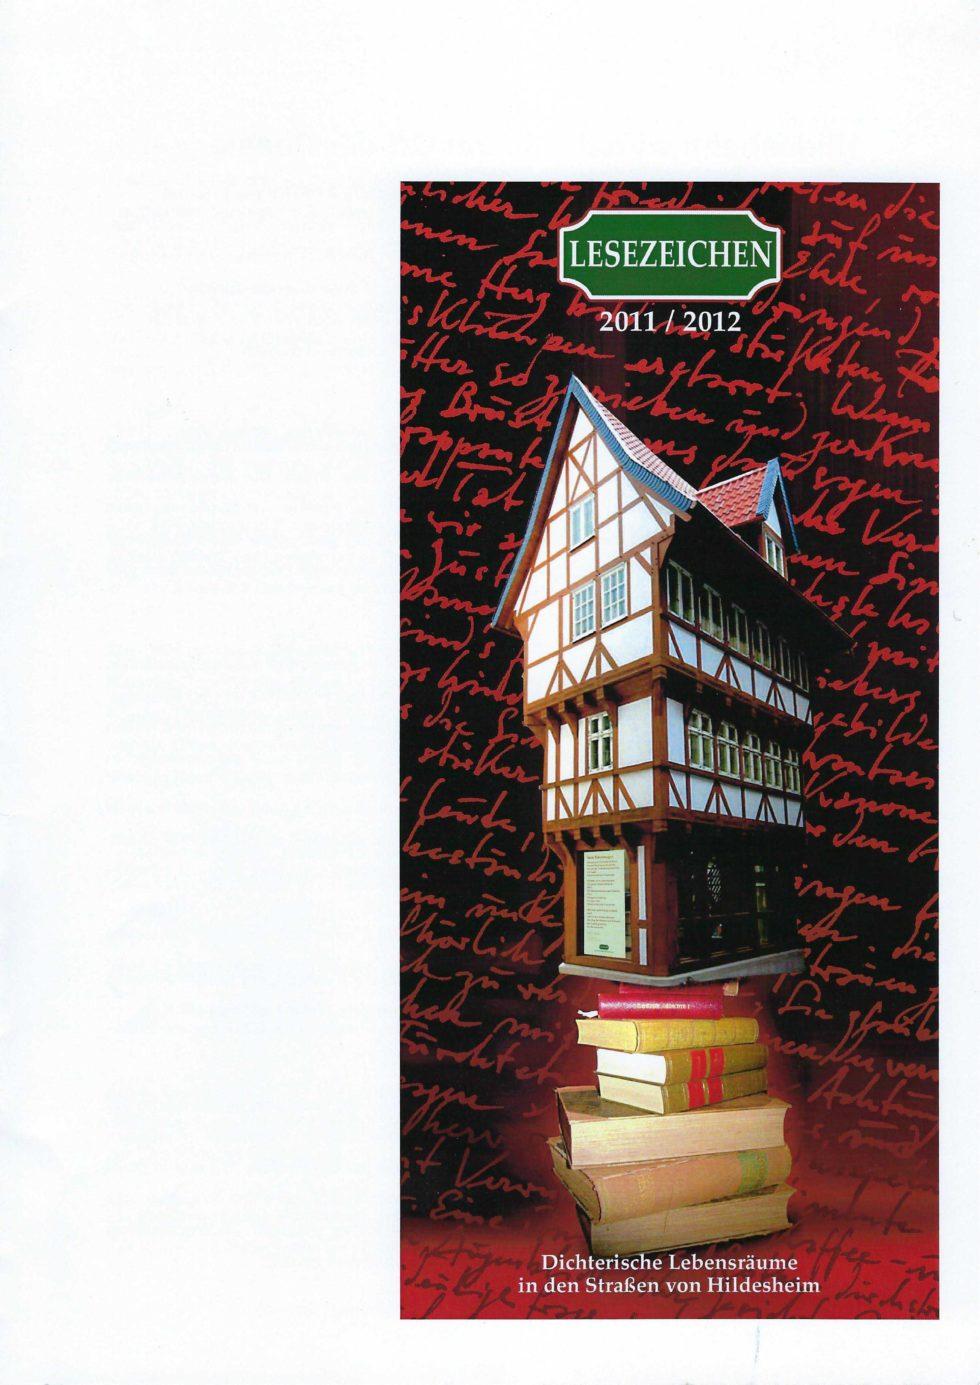 2011 LeseZeichen + 20. Juli + Grünen Wettbewerb_Seite_16